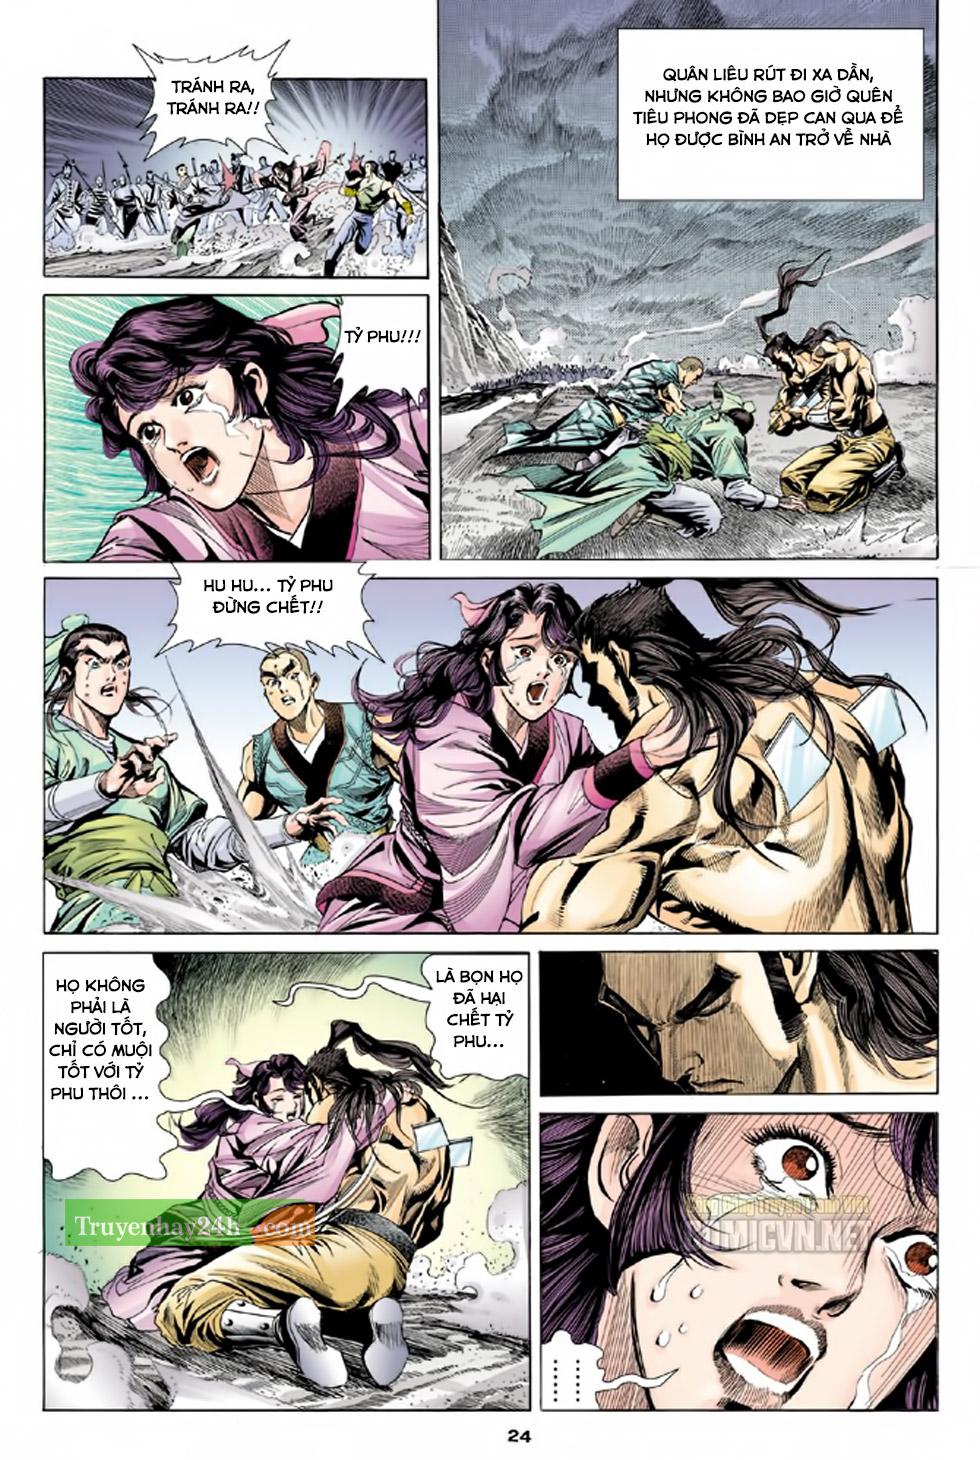 Thiên Long Bát Bộ chap 100 – End Trang 25 - Mangak.info